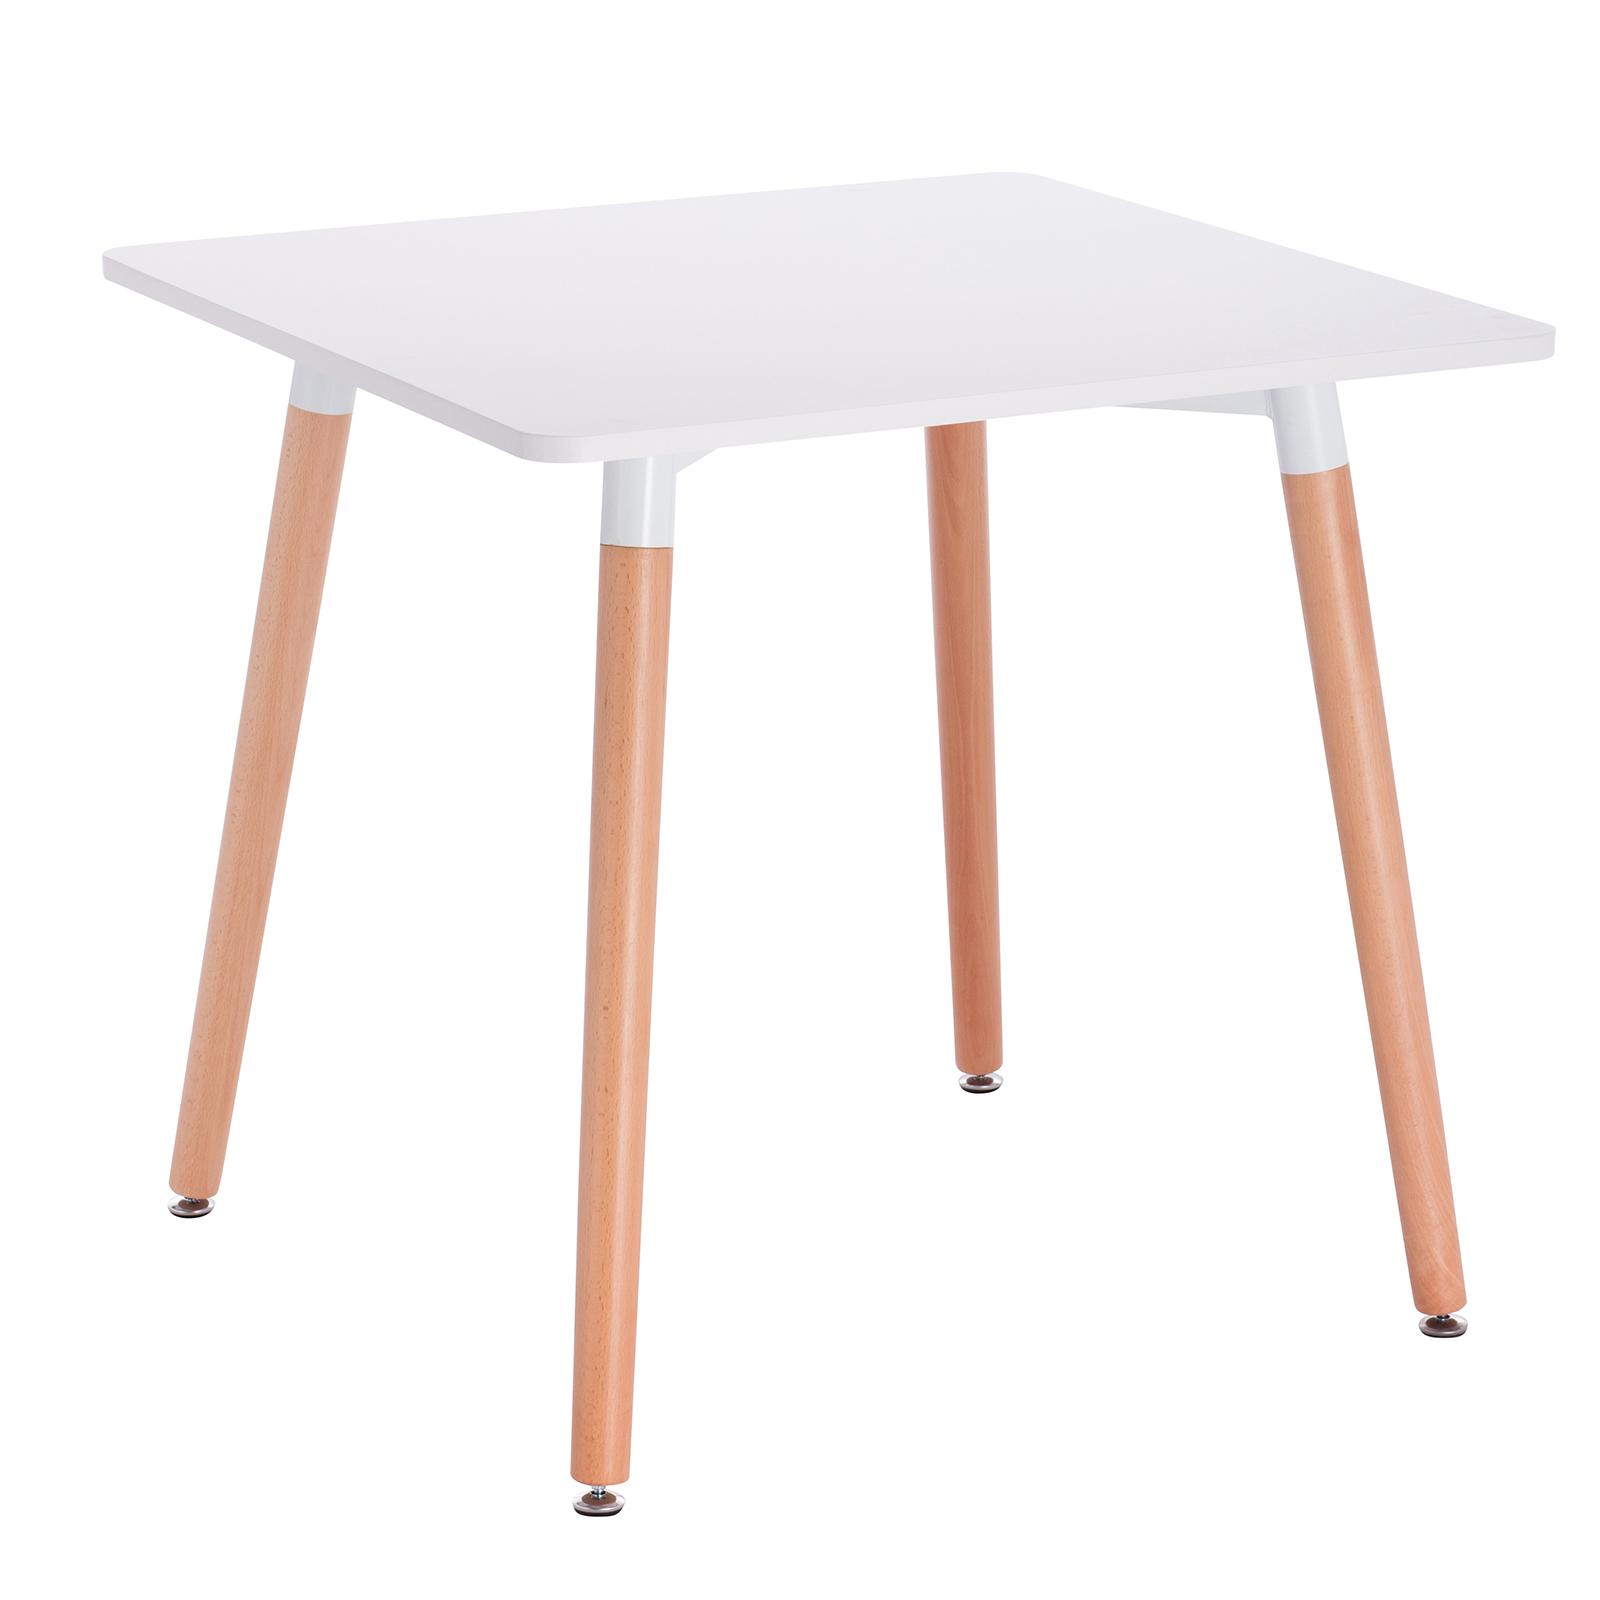 1x Tisch Bartisch Esstisch Küchentisch Arbeitstisch MDF